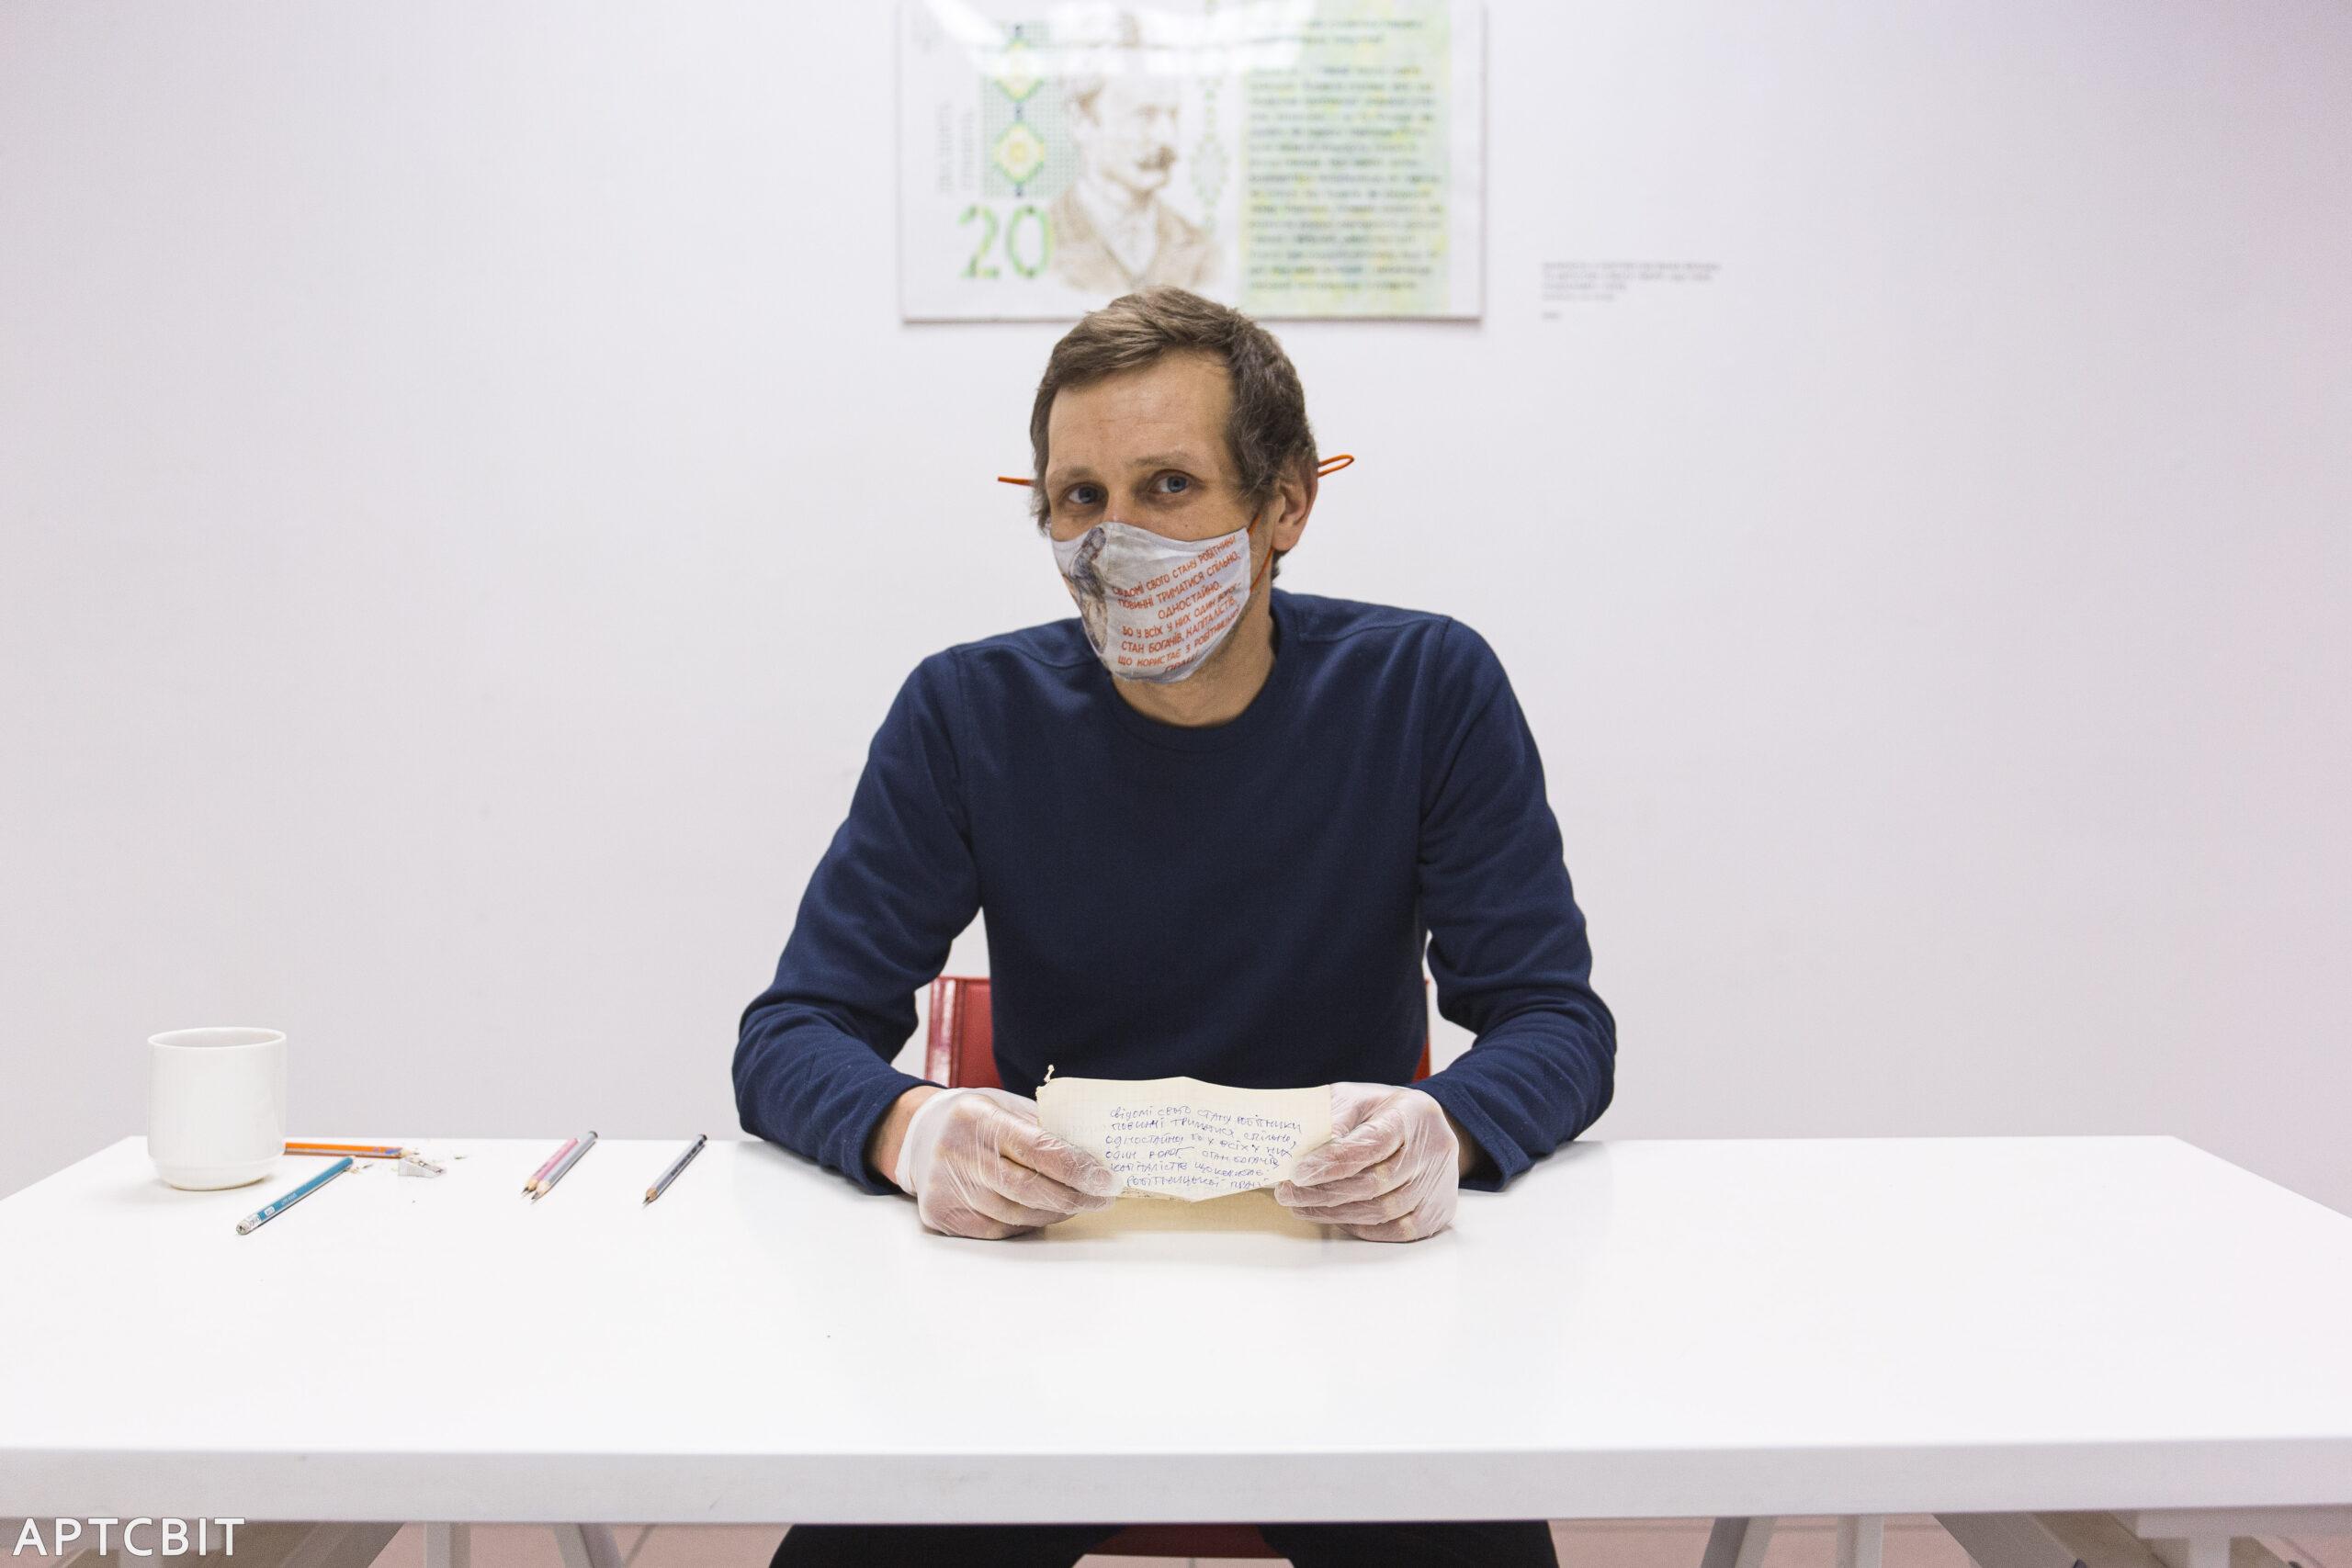 Давид Чичкан на відкритті виставки «Гривні альтернативні» в галереї «Артсвіт» у Дніпрі. Фото: Олександр Матюшкін